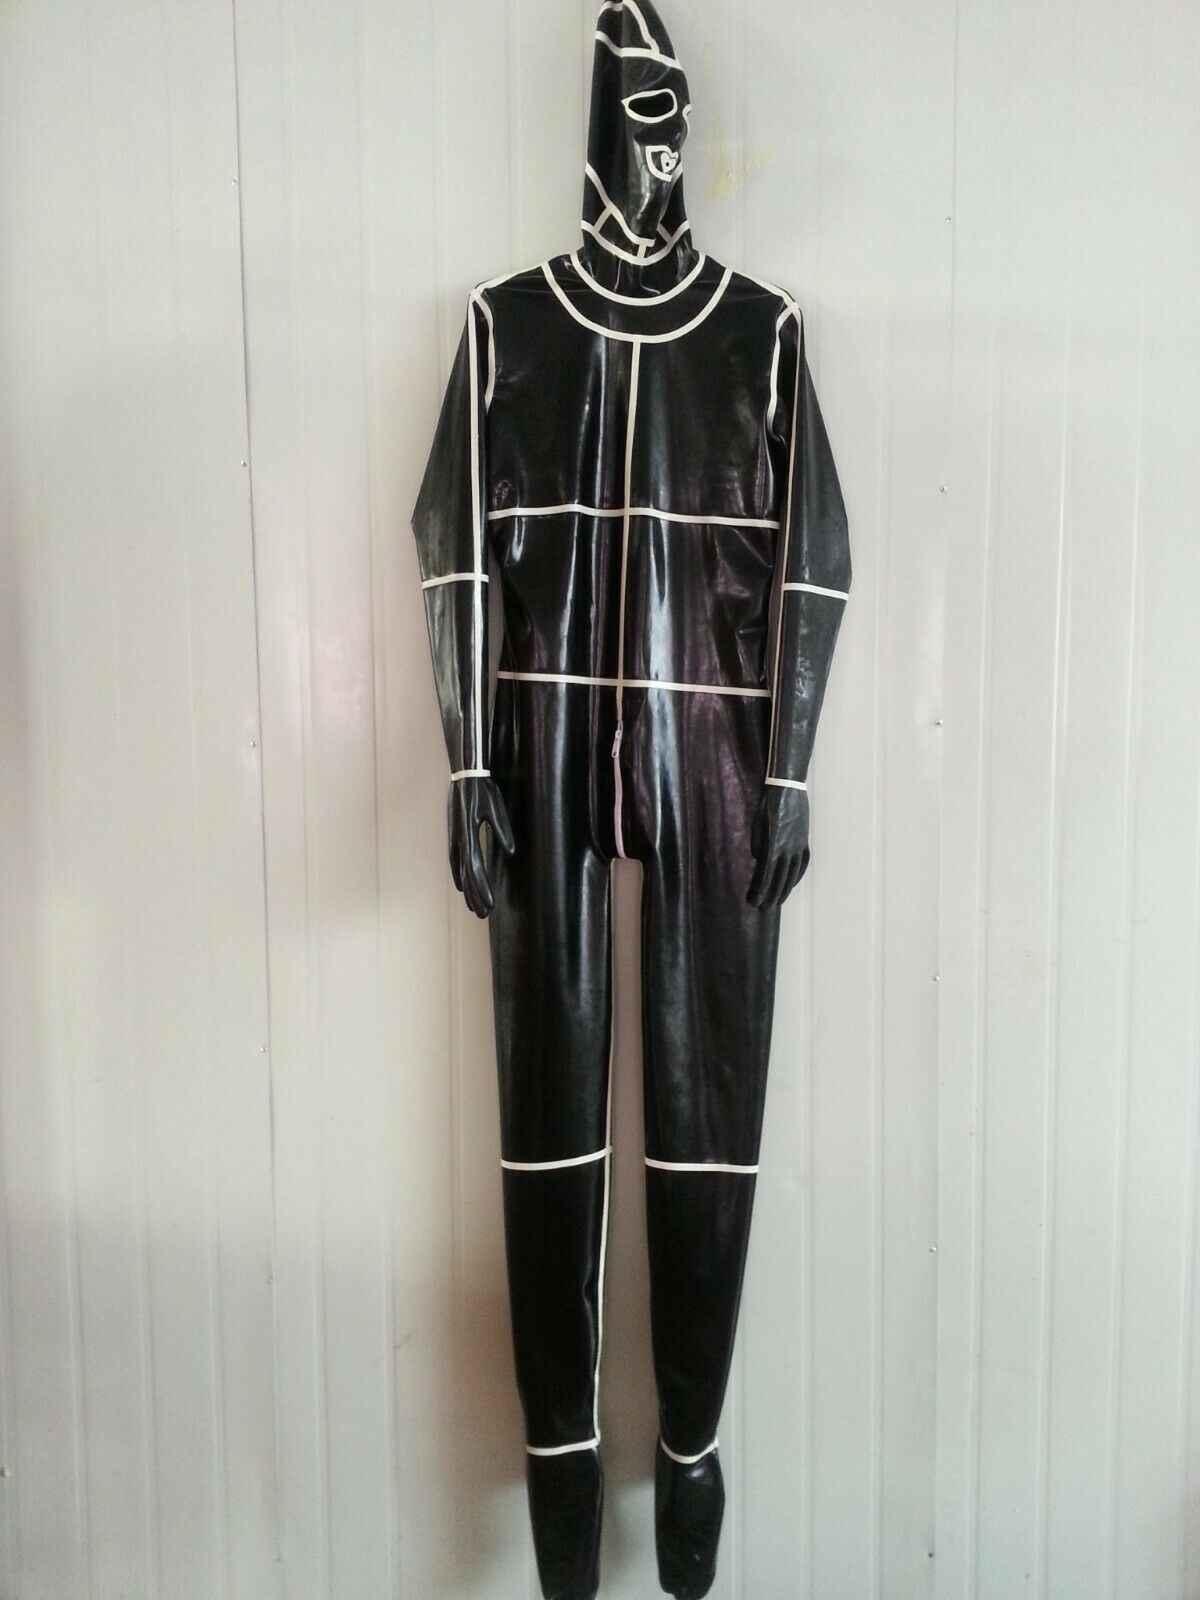 100% Lattice di Gomma Tuta di Modo di Spiderman Vestiti di uniformi Maschera Ganzanzug Catsuit0.4mmS-XXL